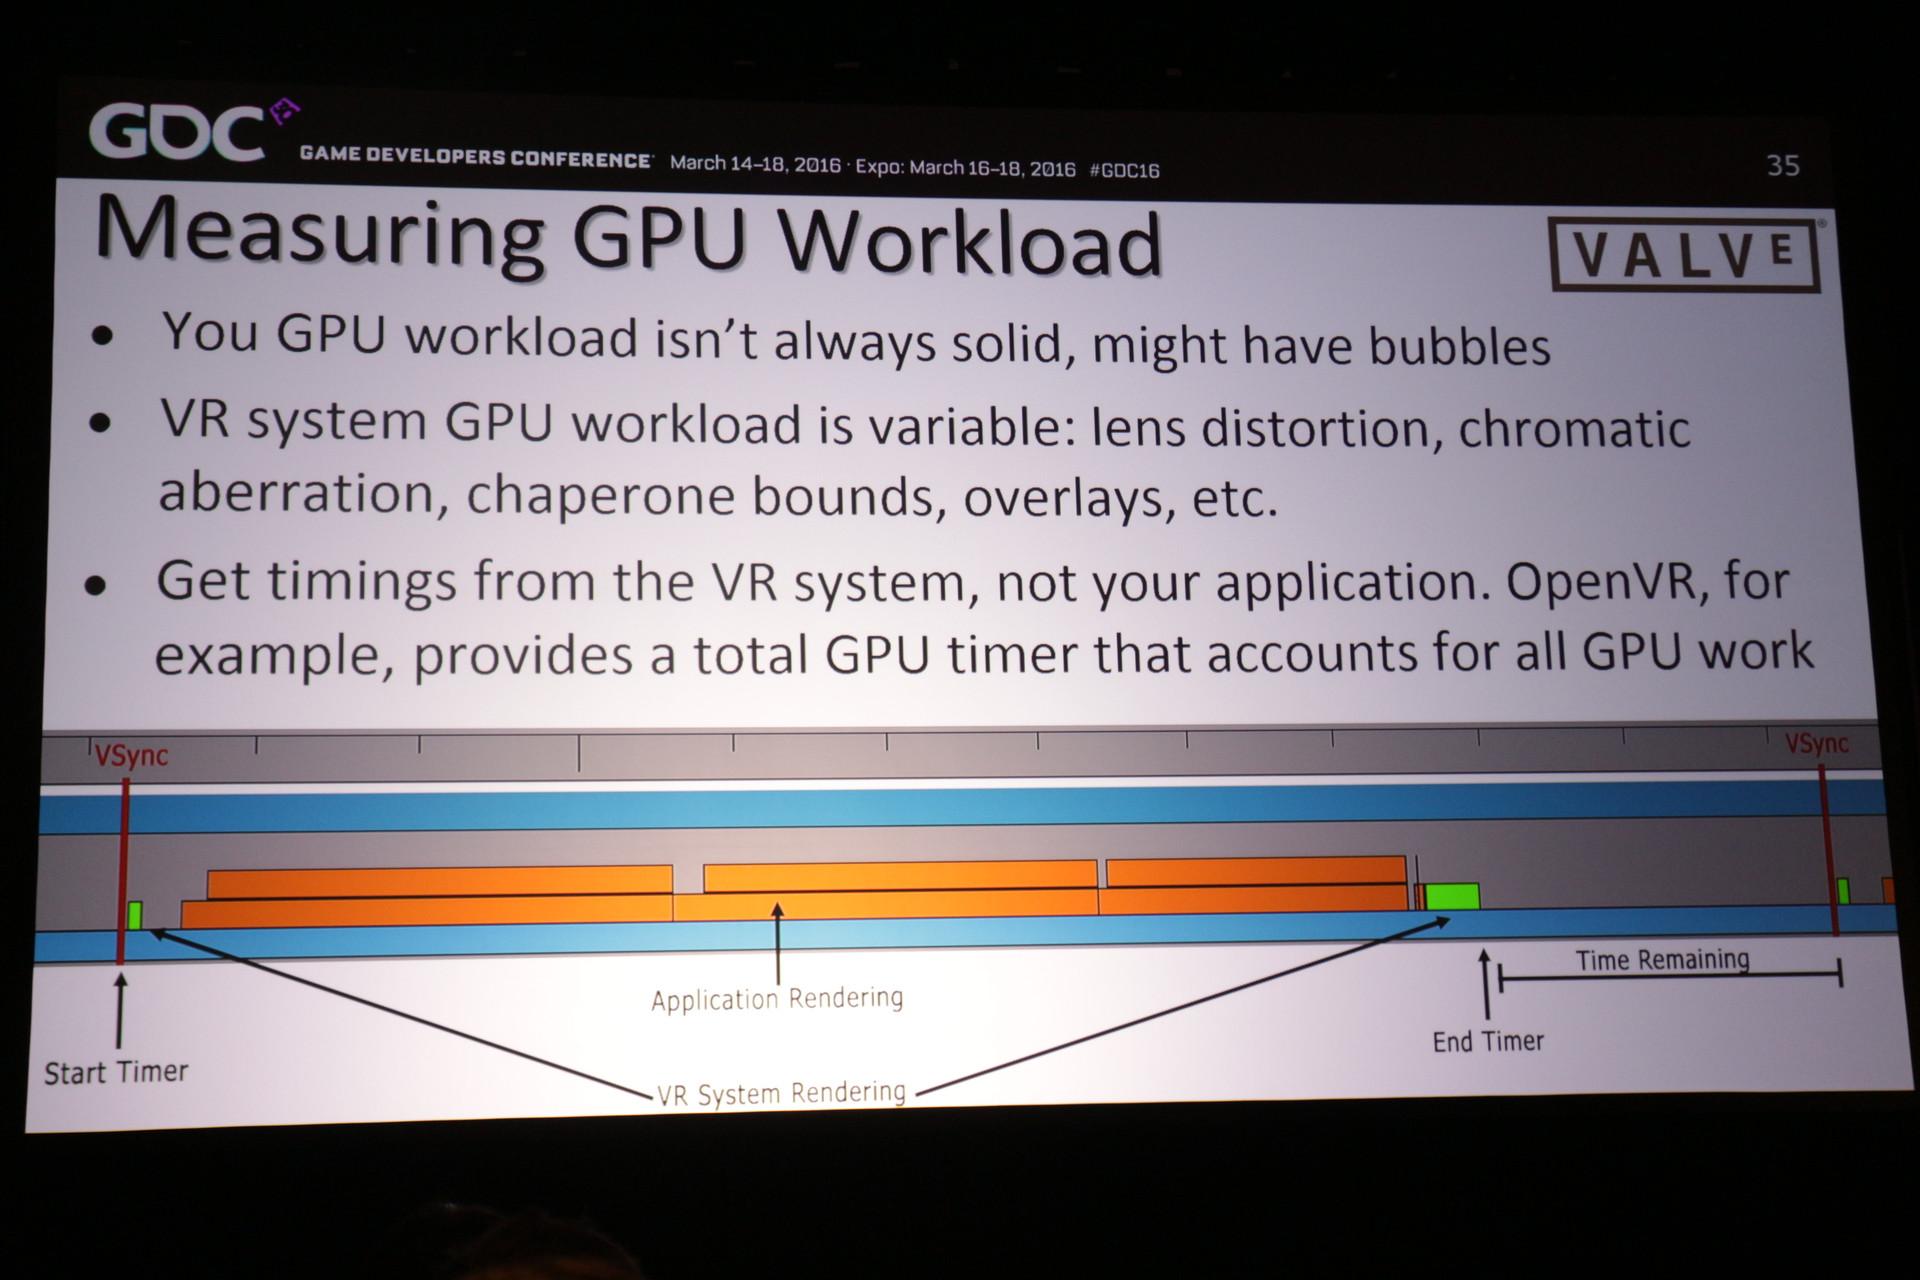 GPUの処理時間はOpenVRソフトウェア側で計測される。最後に描画したフレーム、つまり少し過去のデータとなるため、実際には過去2フレーム分の処理時間をブレンドして基準にすることが推奨されている